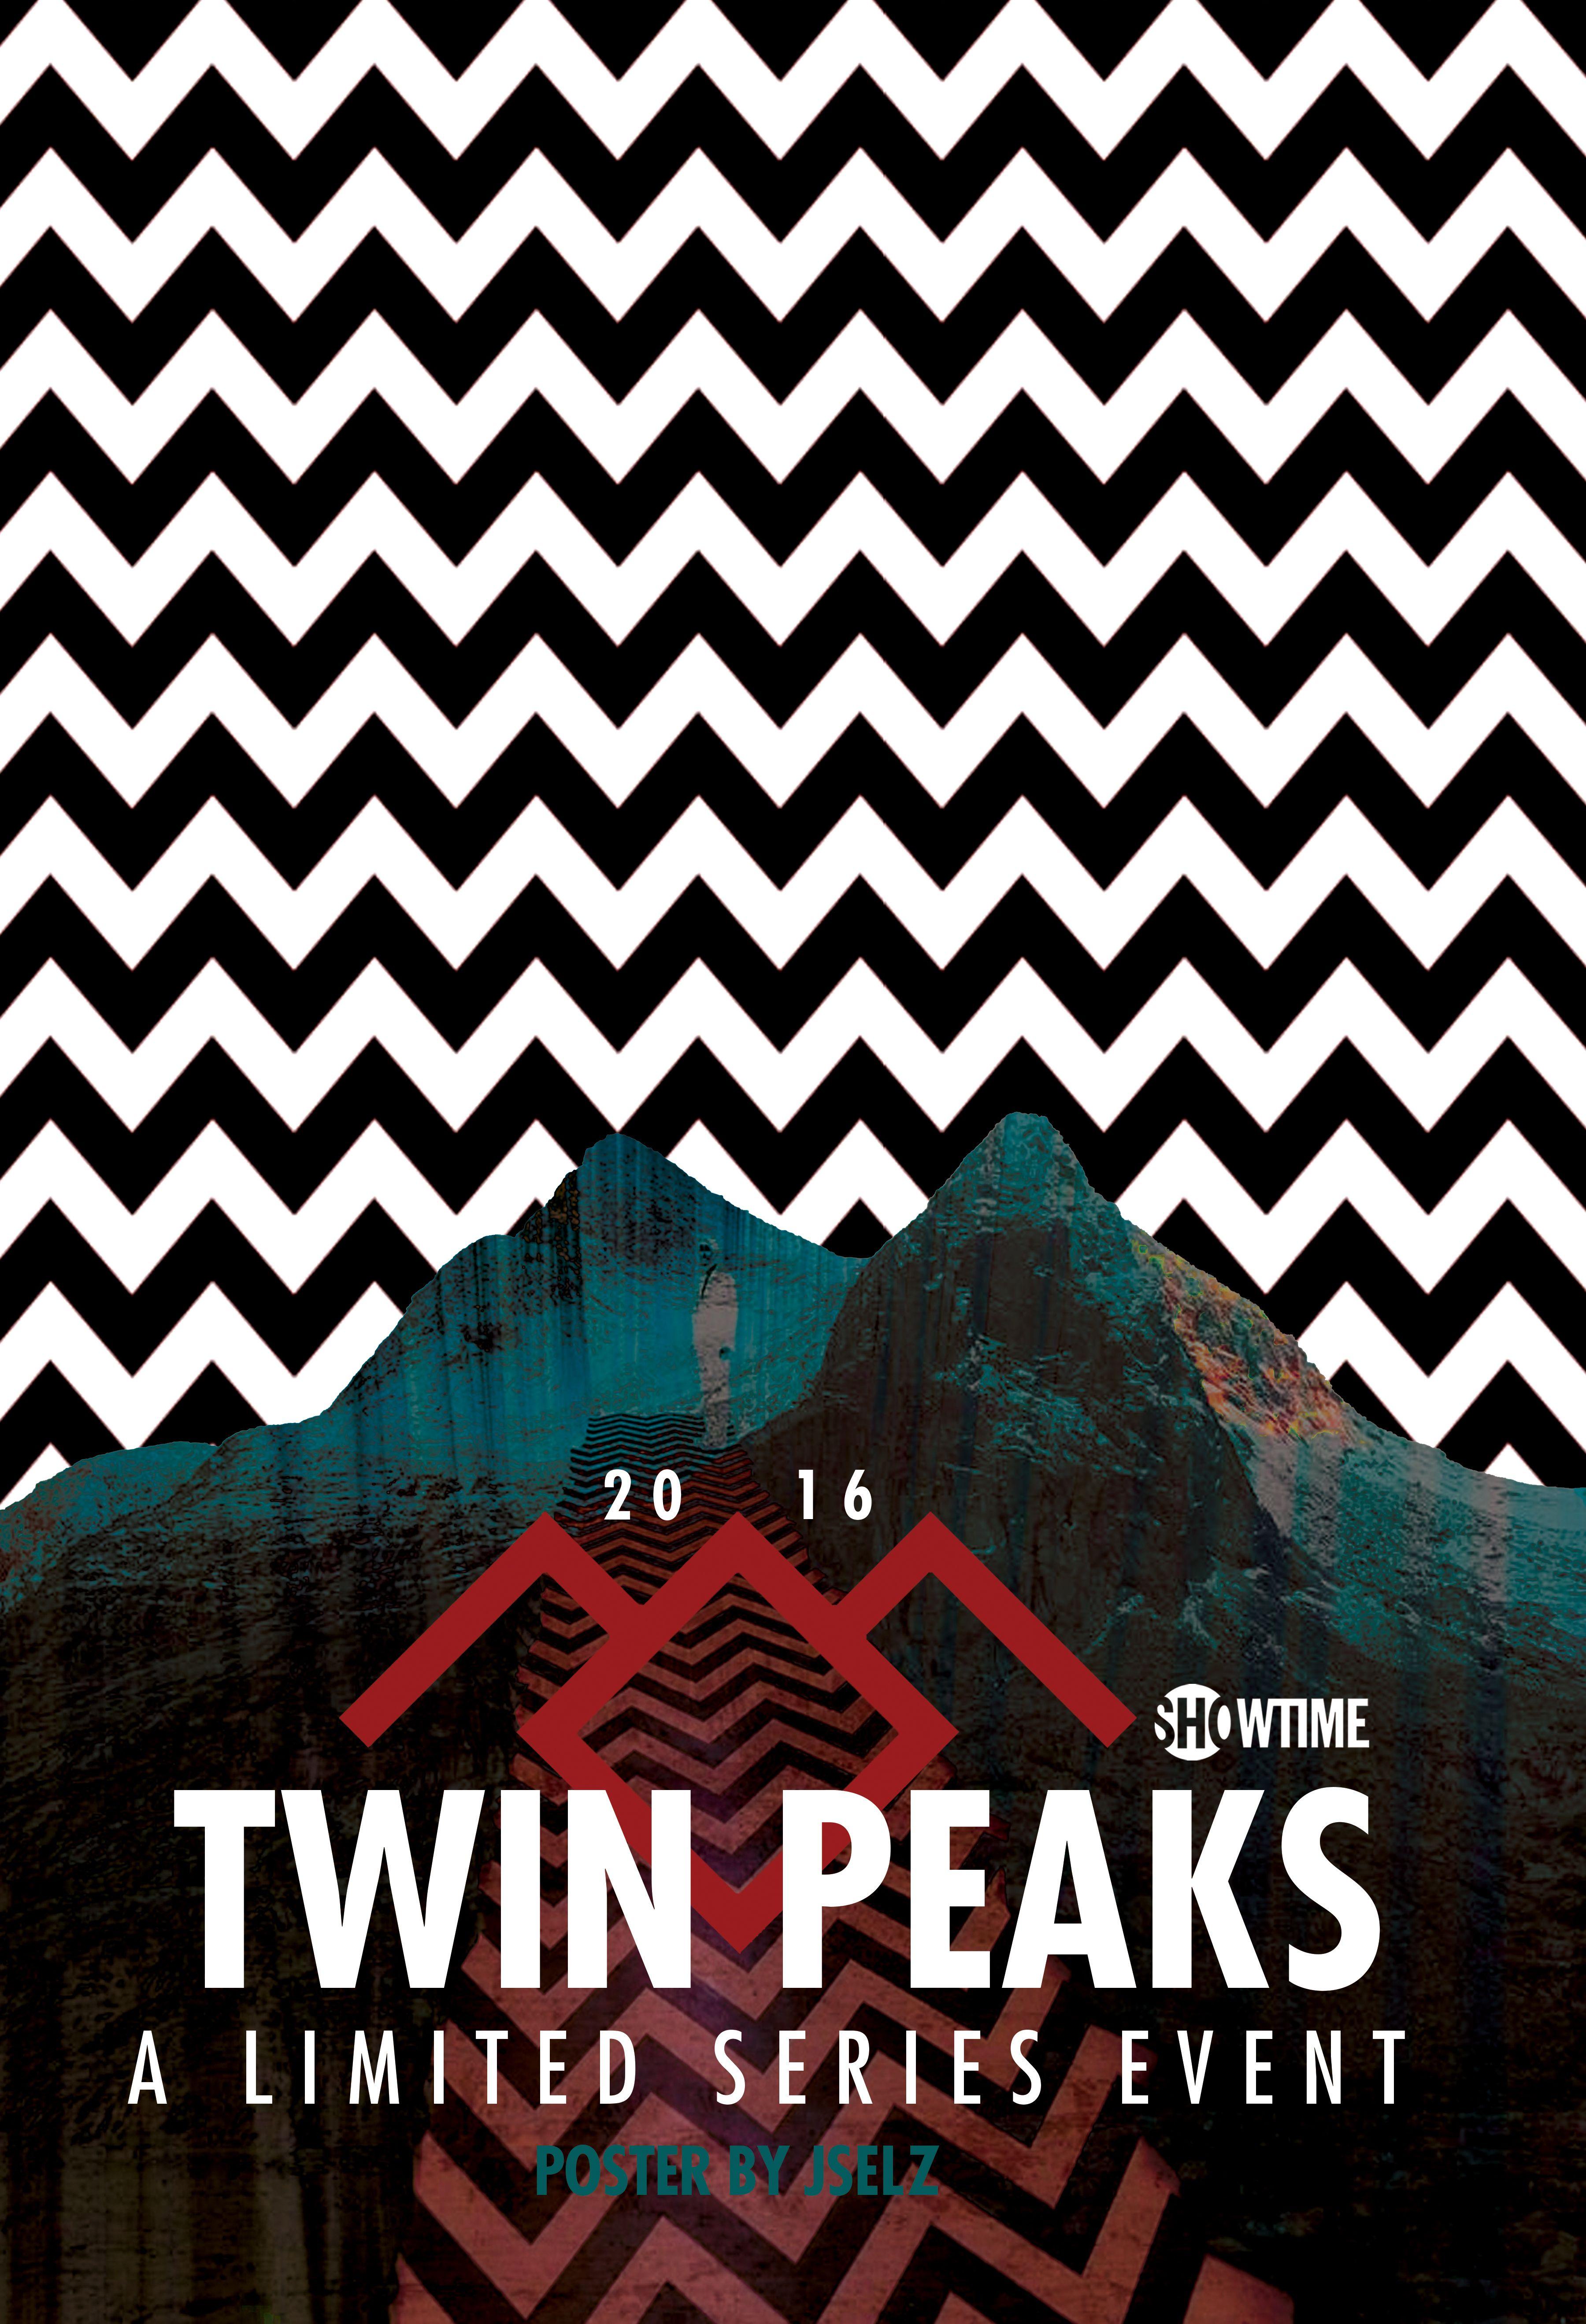 Affiches Posters Et Images De Twin Peaks 2017